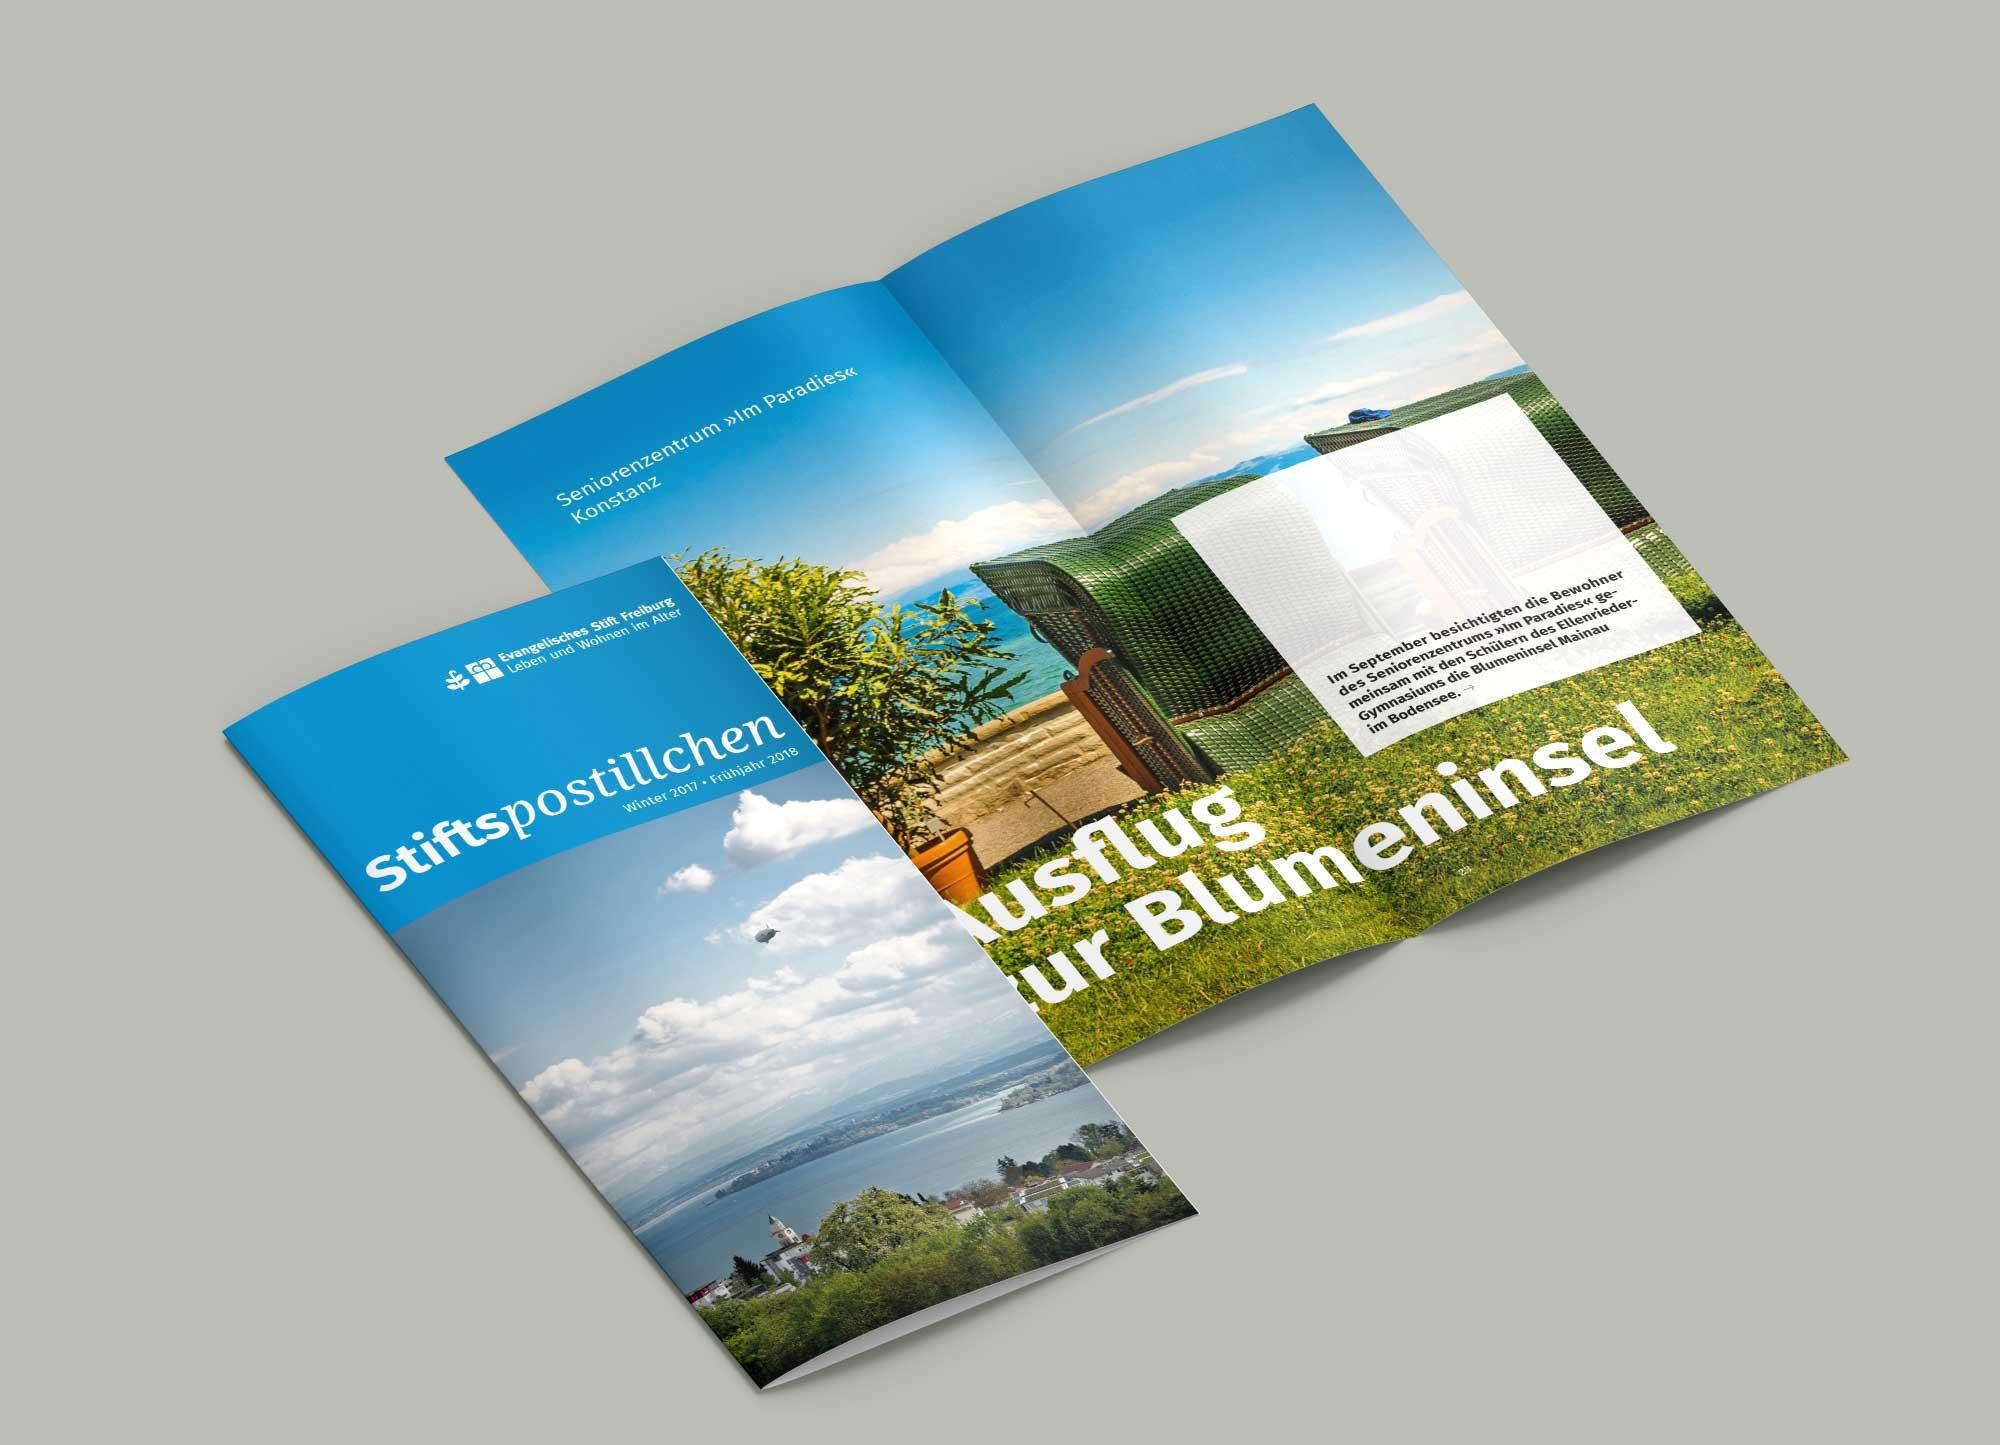 4_Evangelisches_Stift_Flyer_Stiftpostillchen_Web